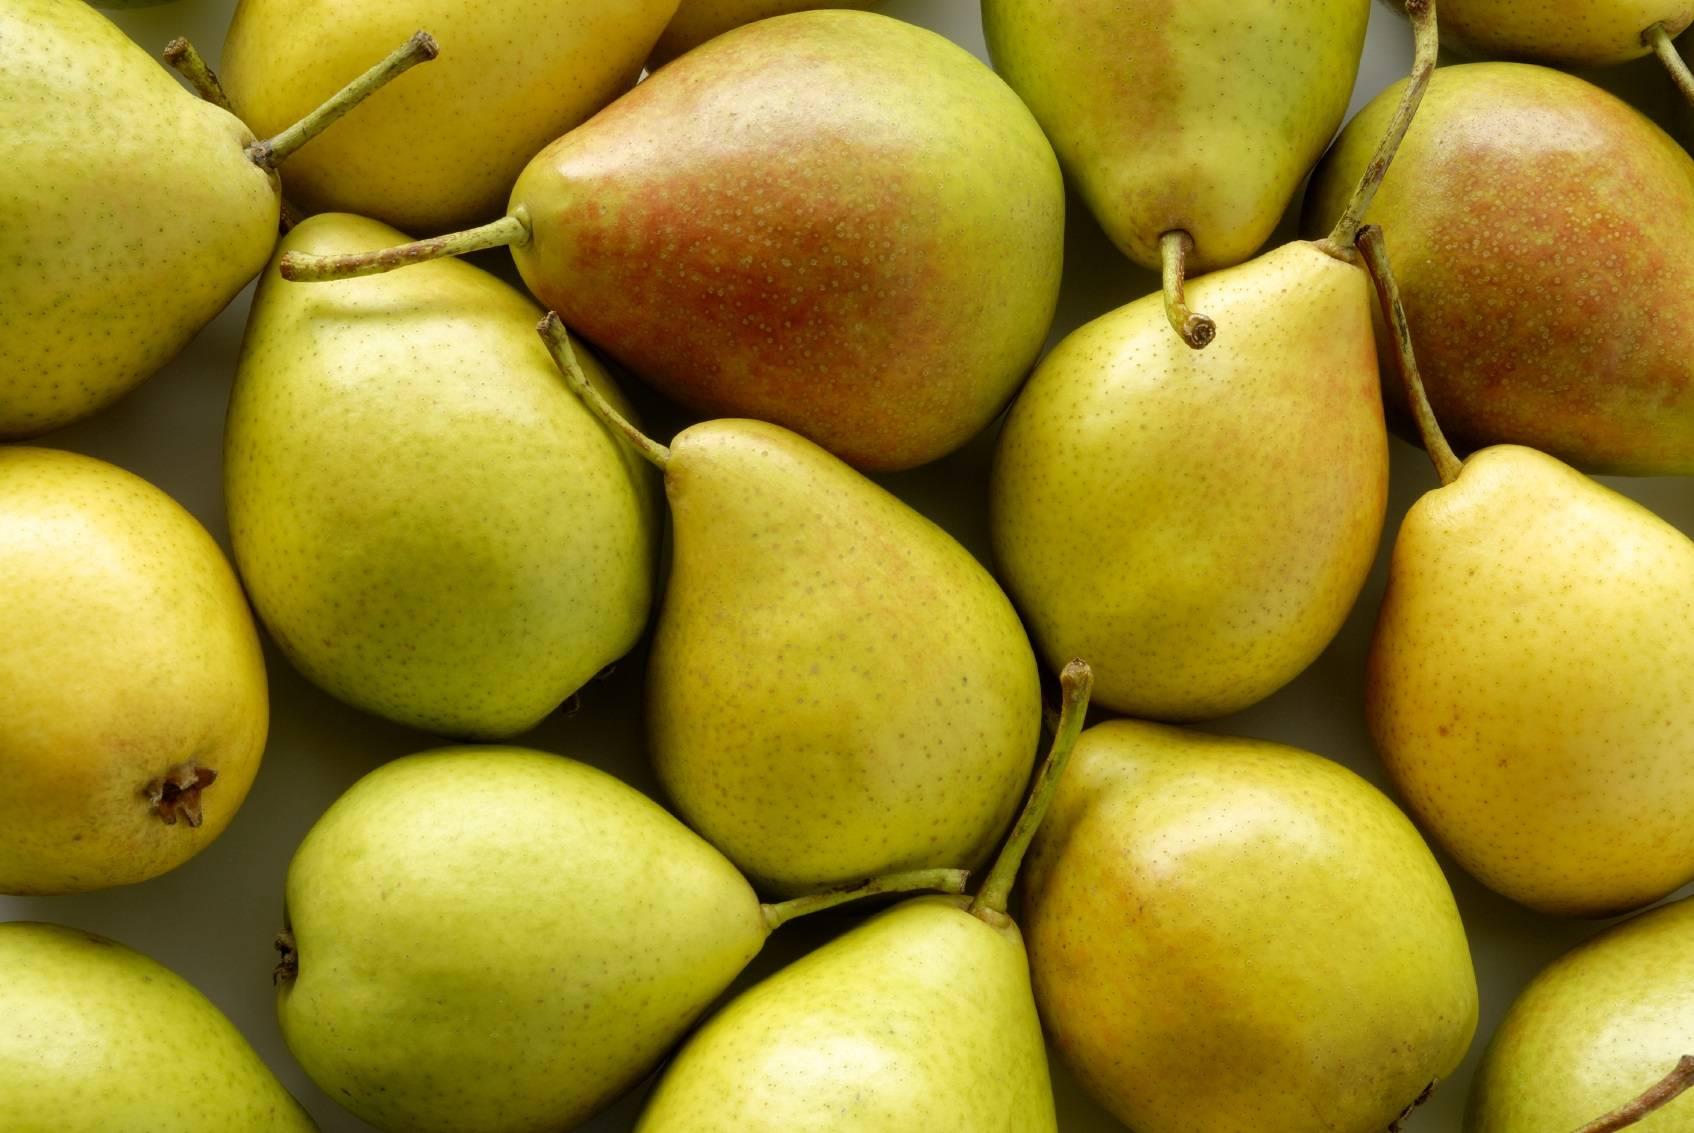 Manger des poires pour viter la gueule de bois for Alcool de poire maison